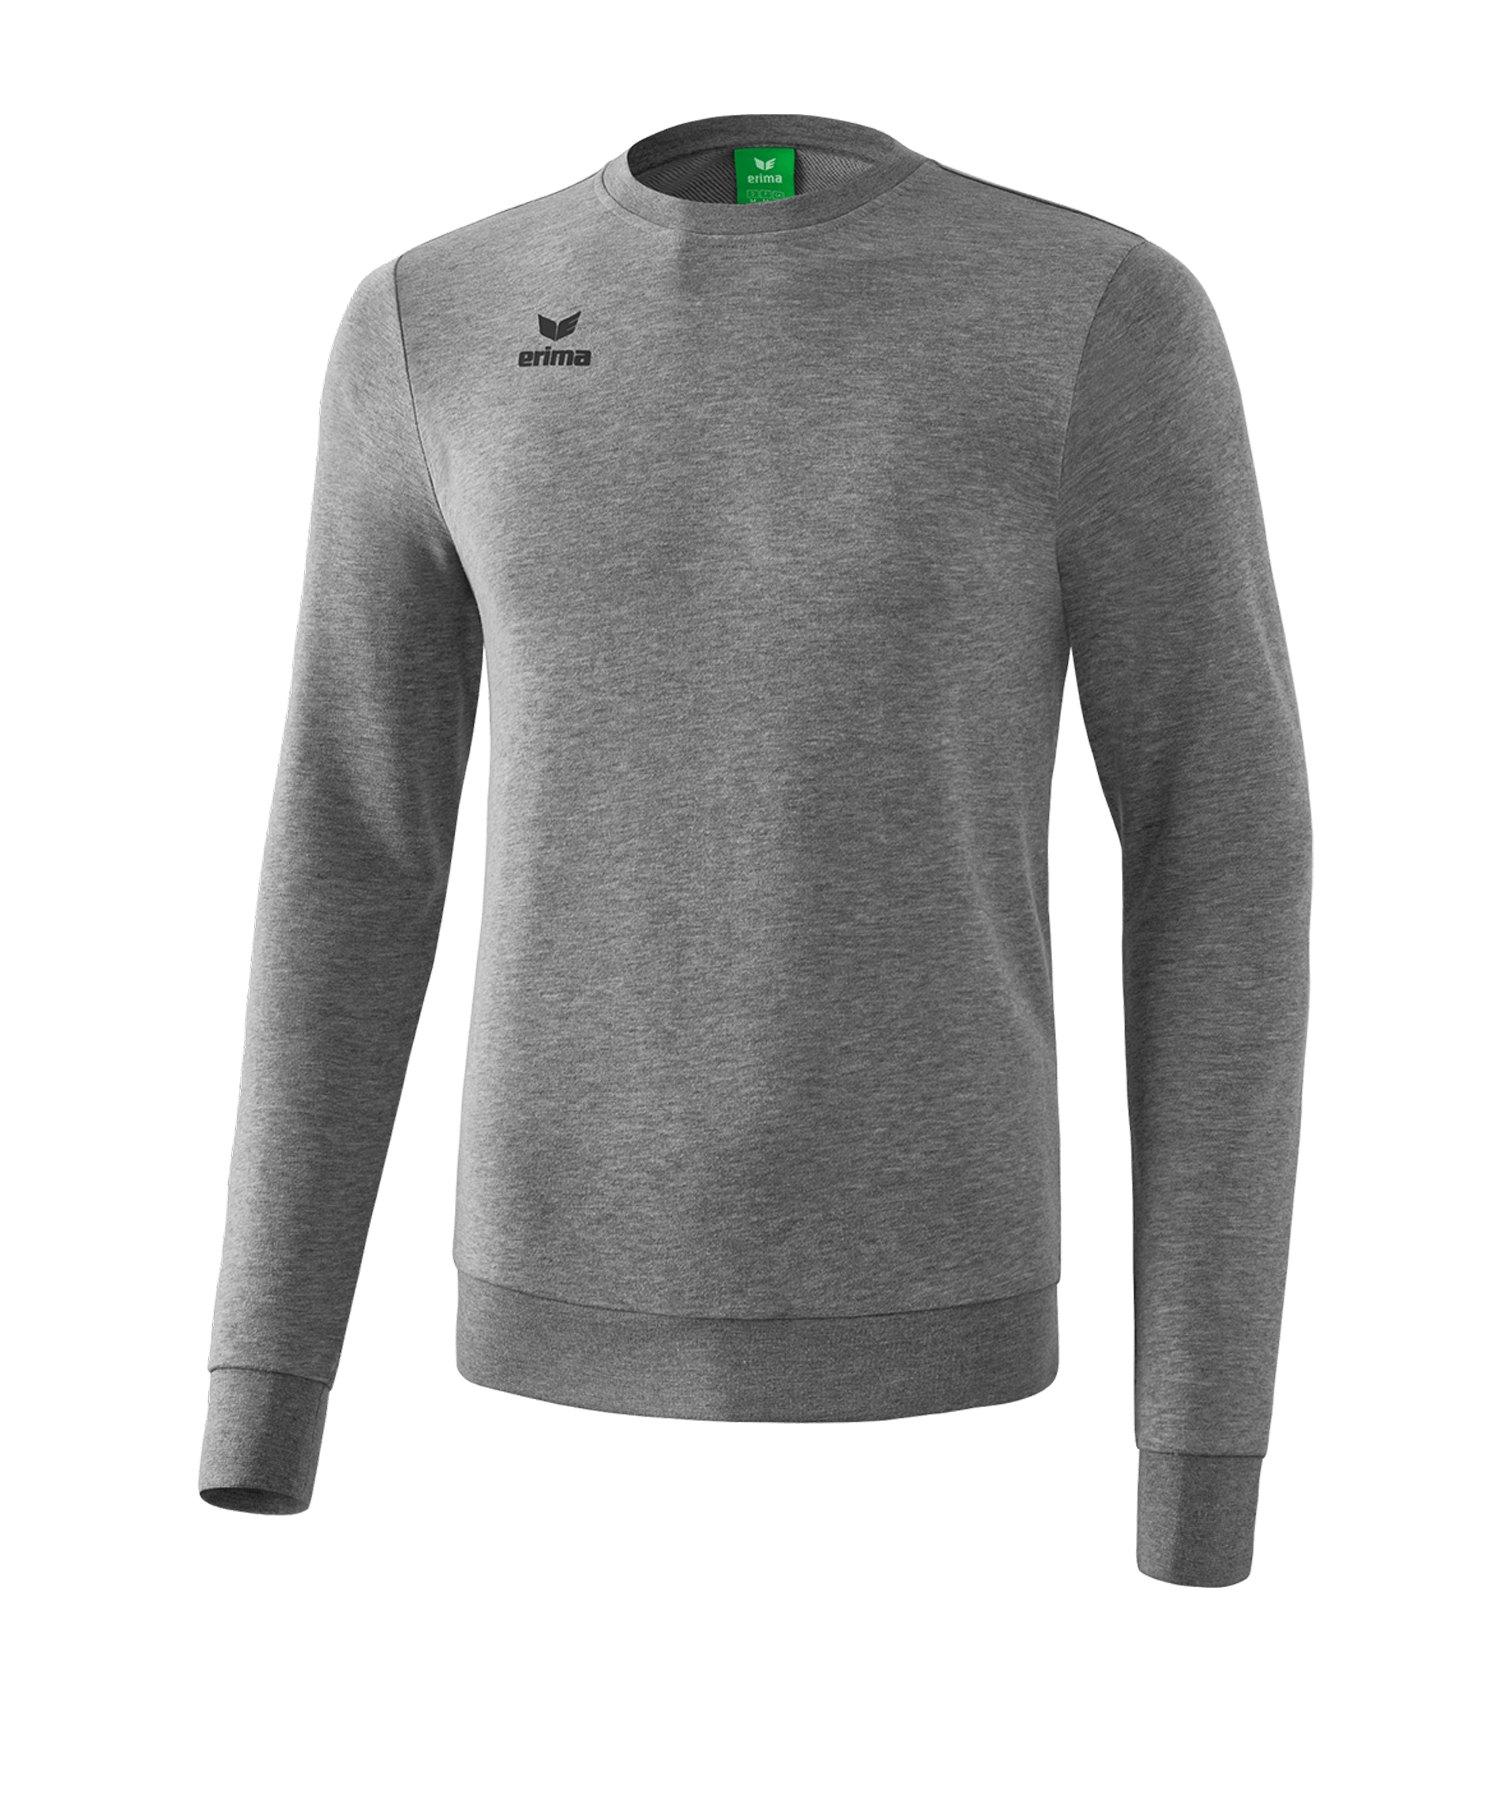 Erima Basic Sweatshirt Kids Grau - grau